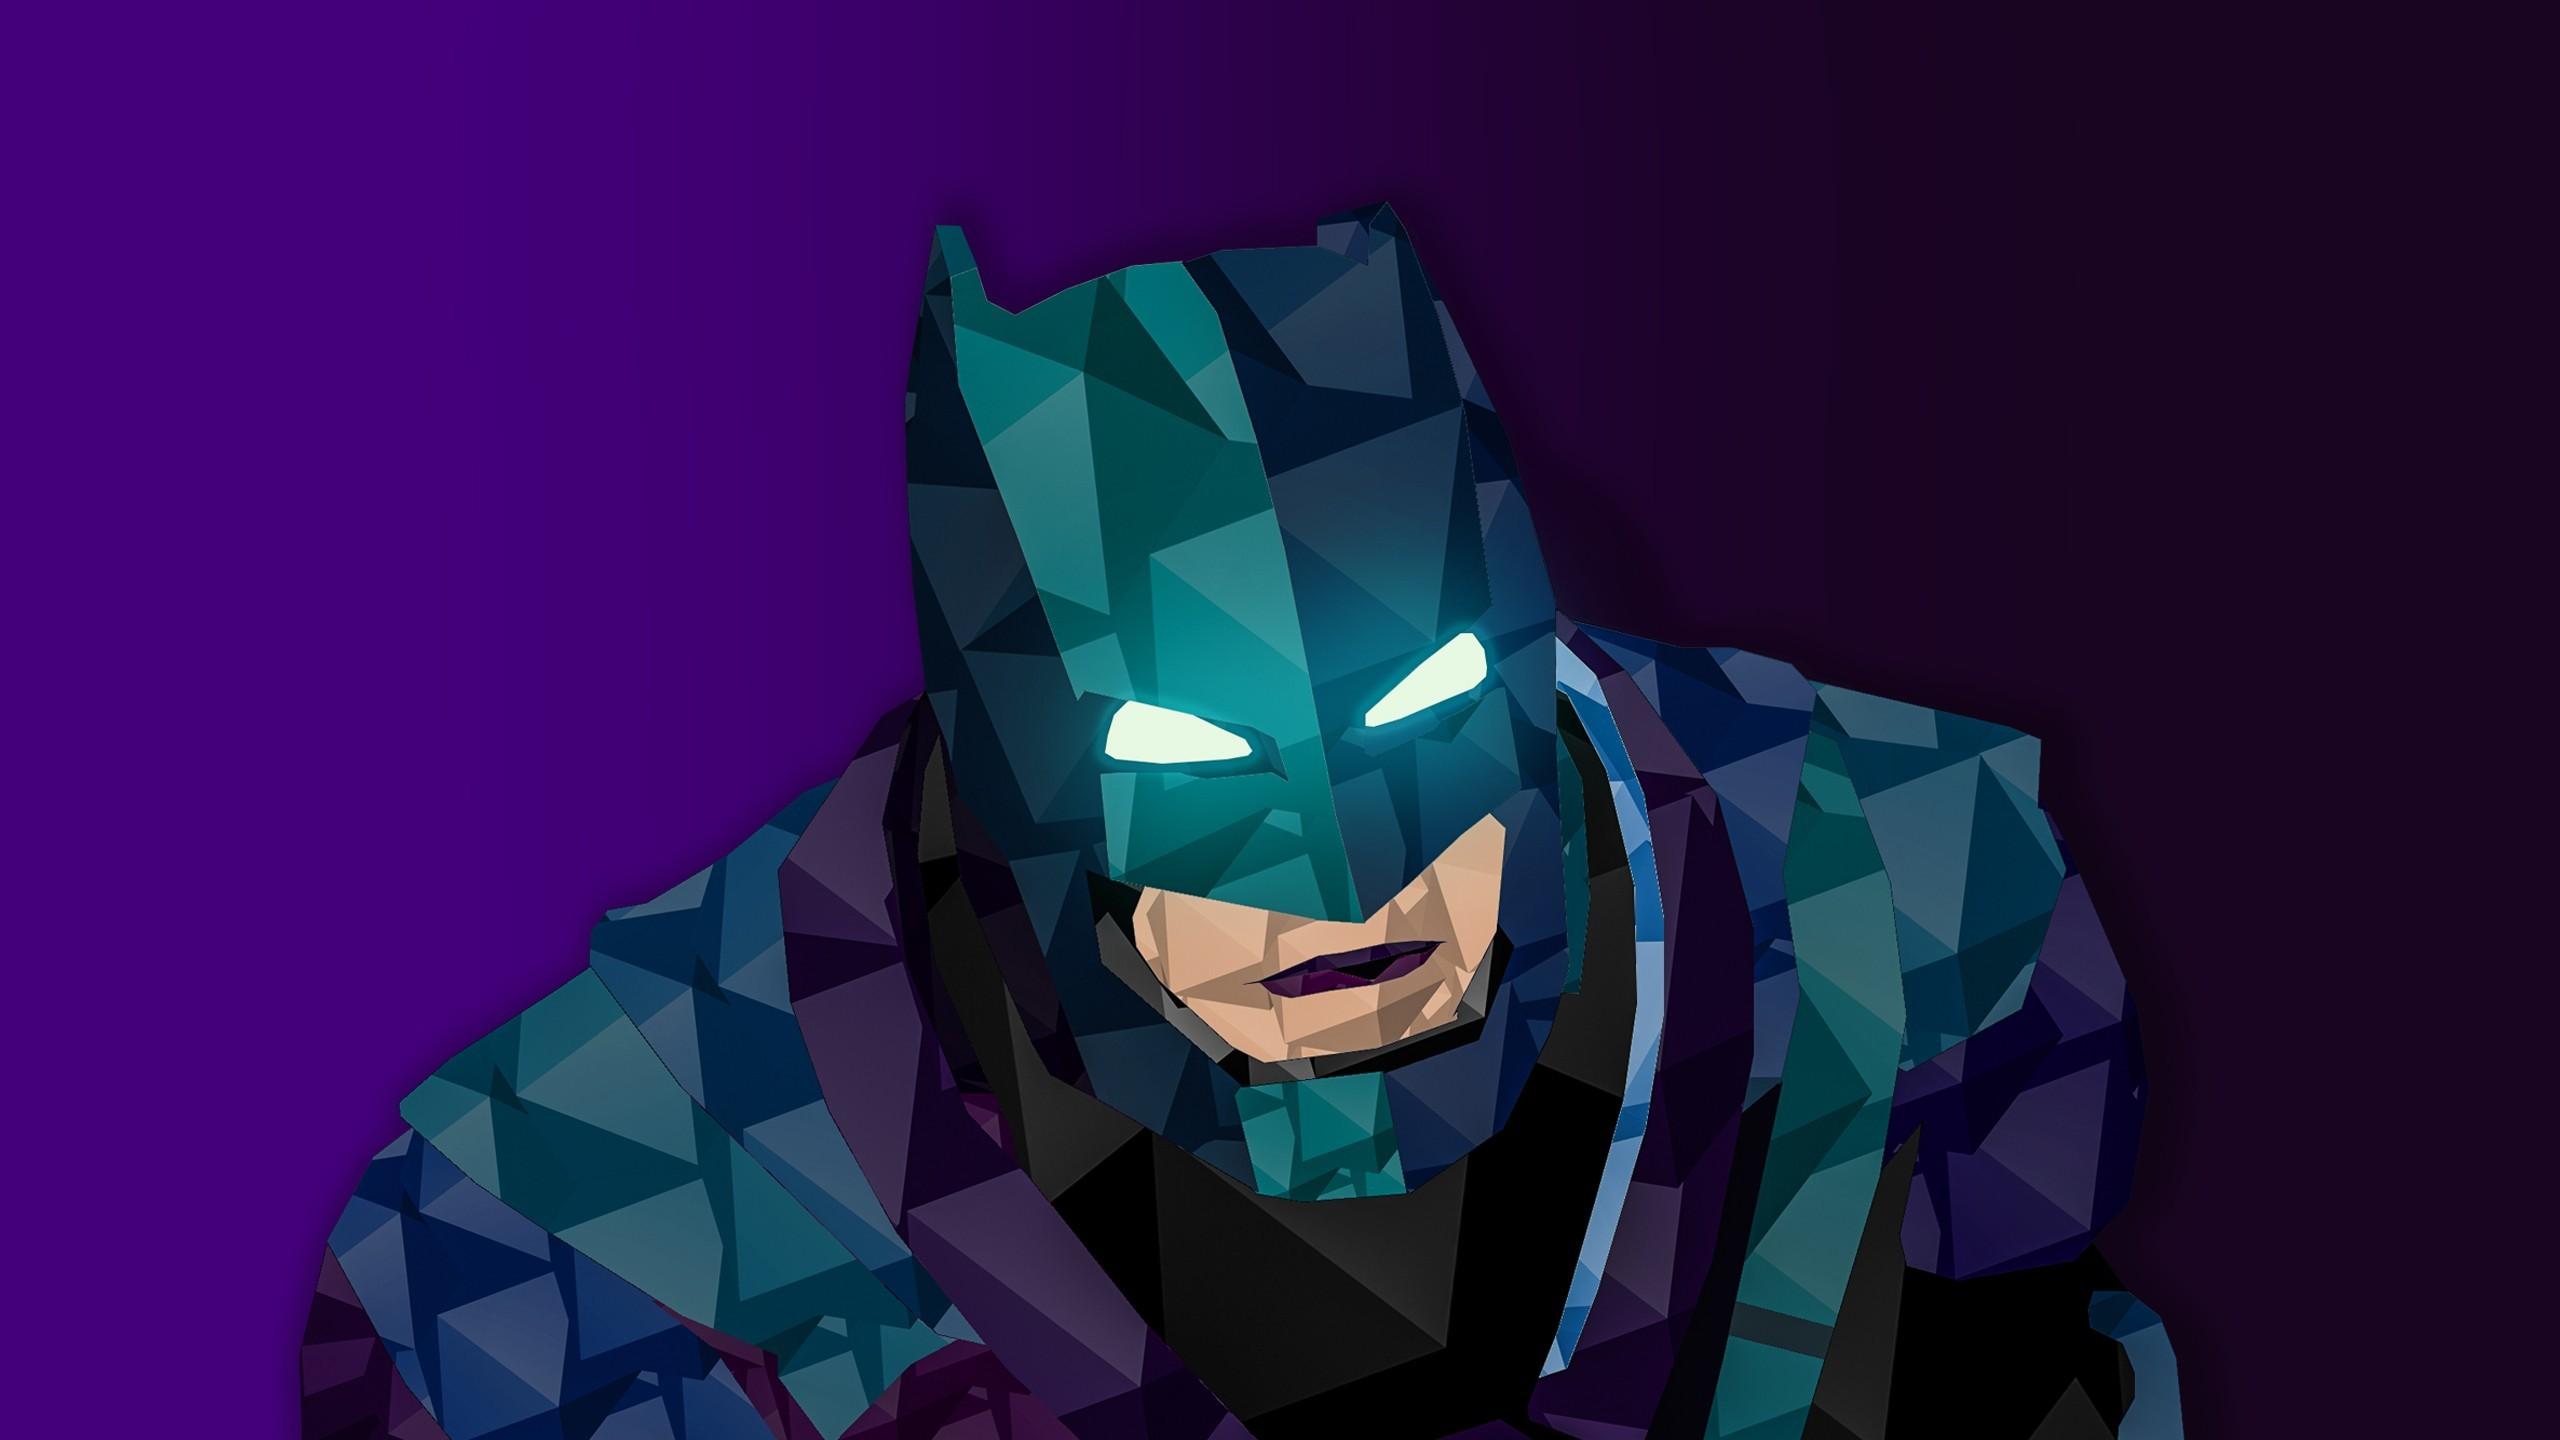 Res: 2560x1440, batman batman v superman dawn of justice dc comics low poly digital art  wallpaper and background